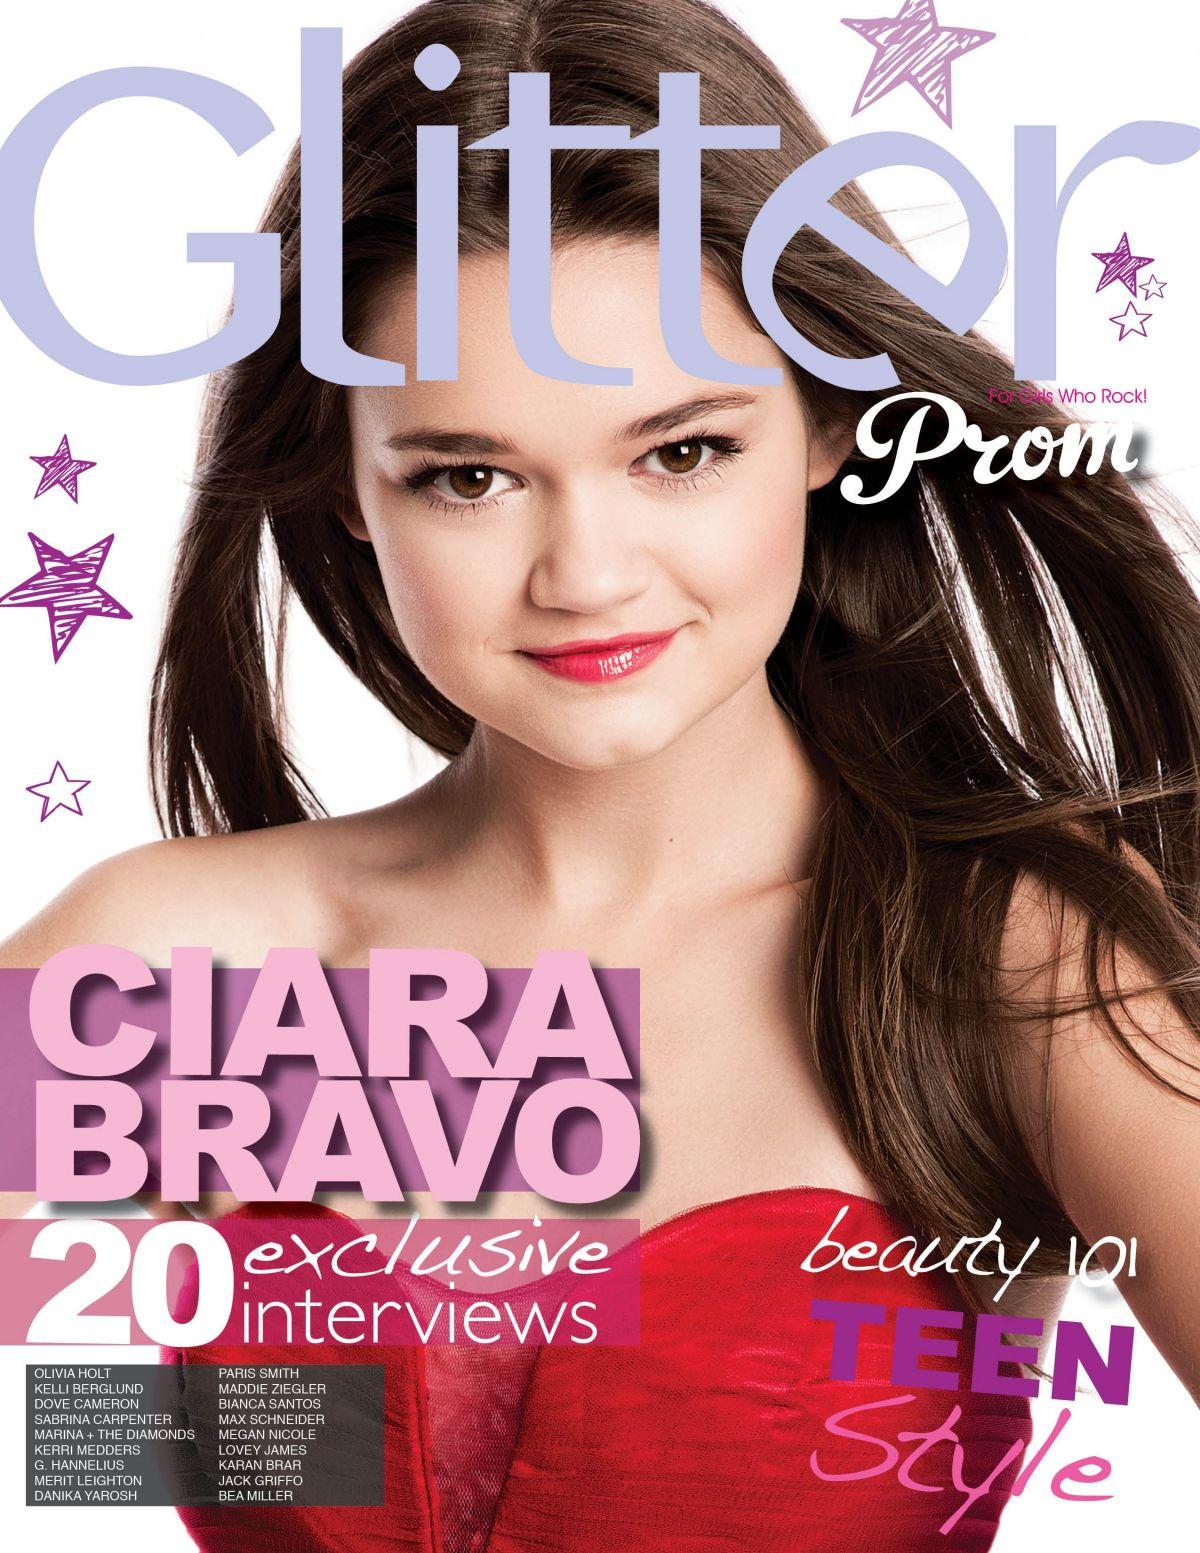 CIARA BRAVO in Glitter Magazine